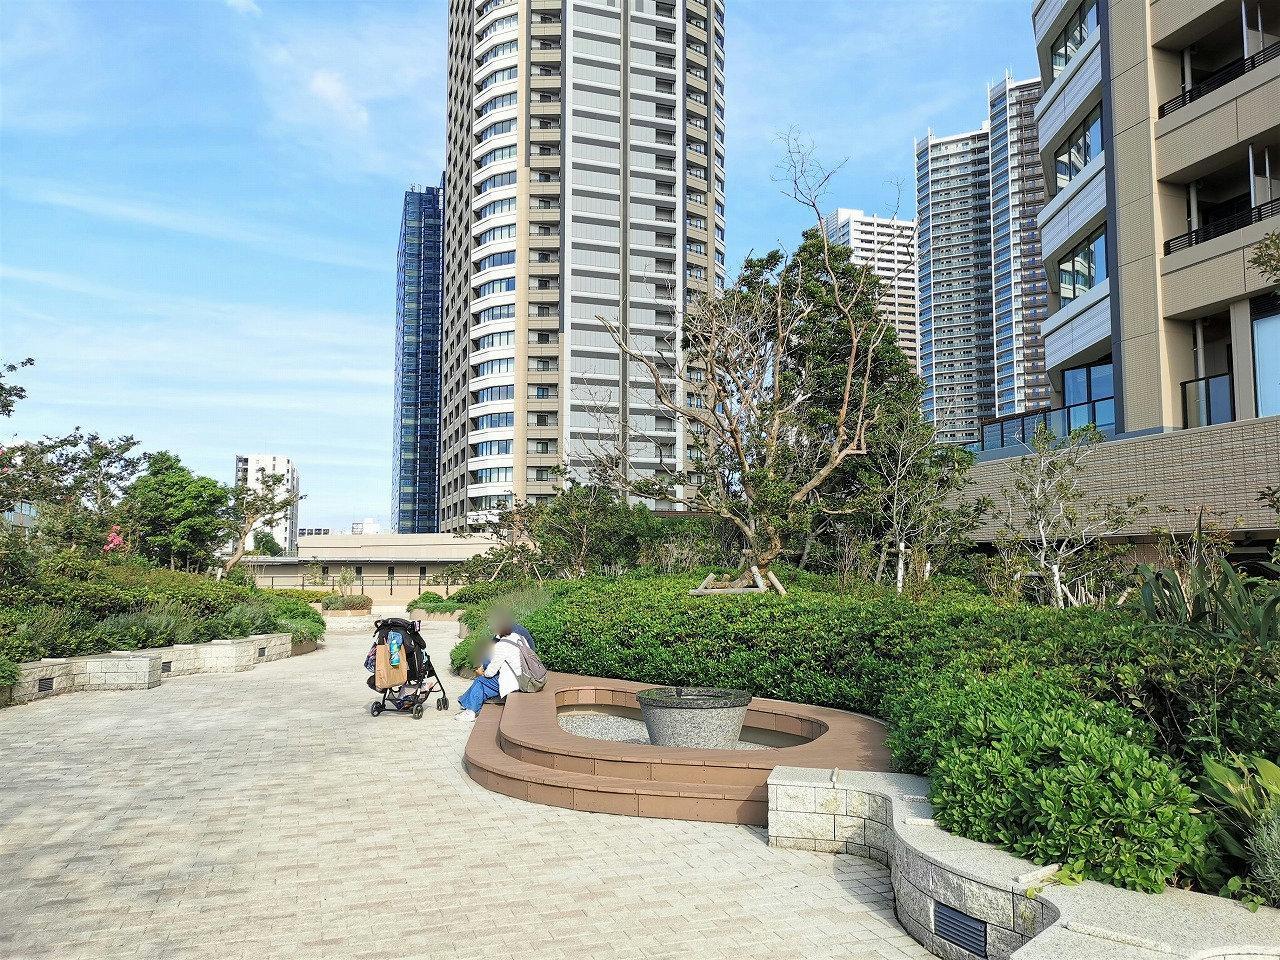 武蔵小杉駅 パークシティ ザ・ガーデン 屋上広場の休憩場所2